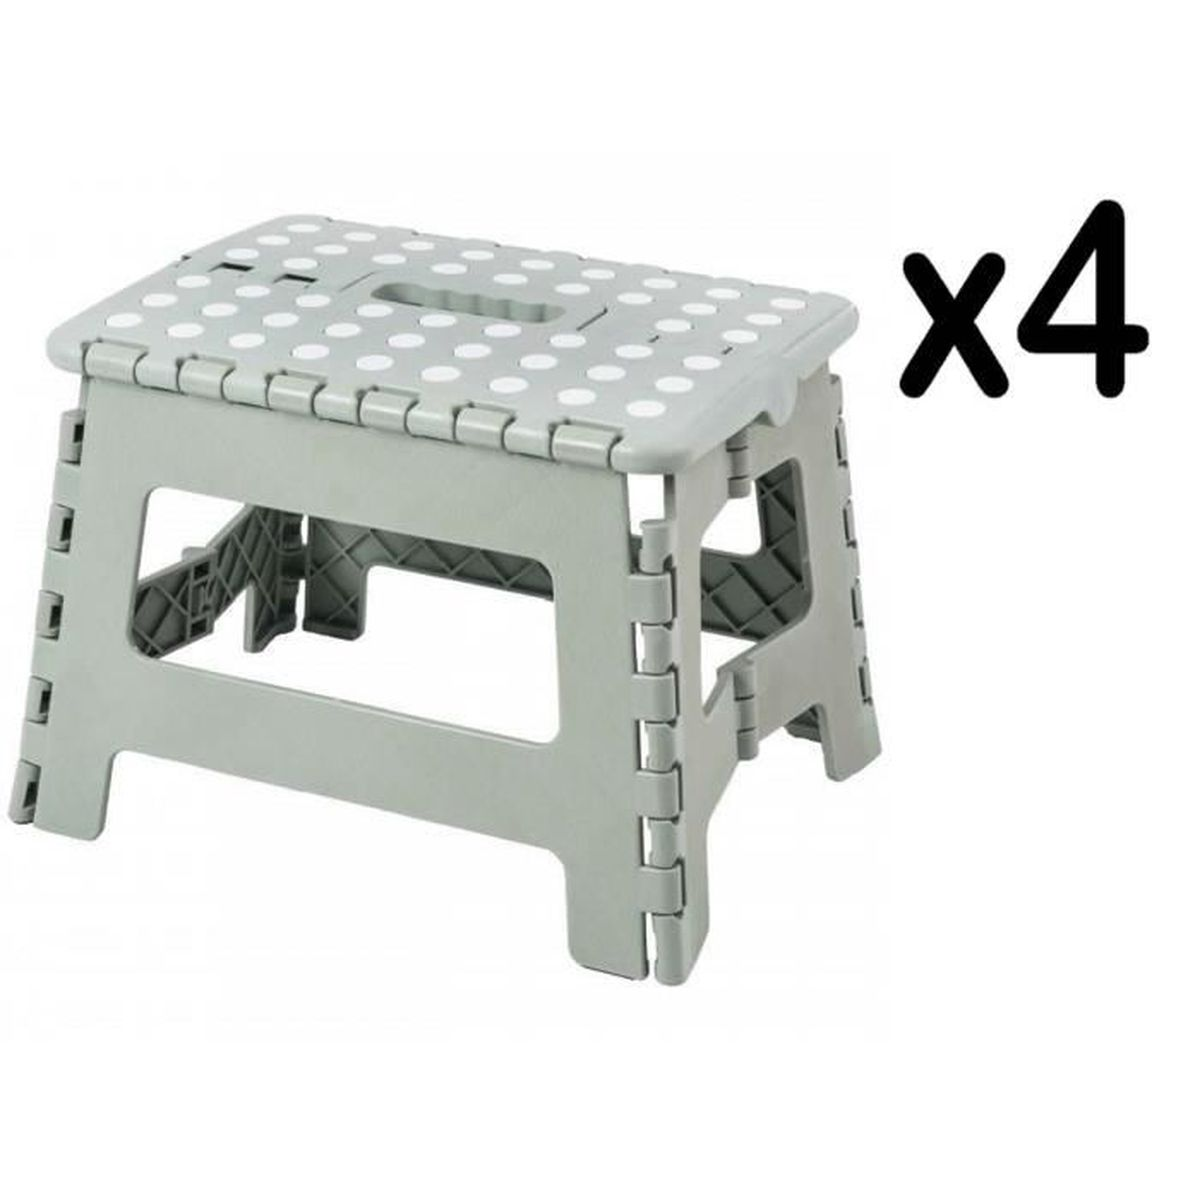 Marche Pied Pliable Plastique Blanc//Gris 30 x 22 x 32,5 cm 150 KG